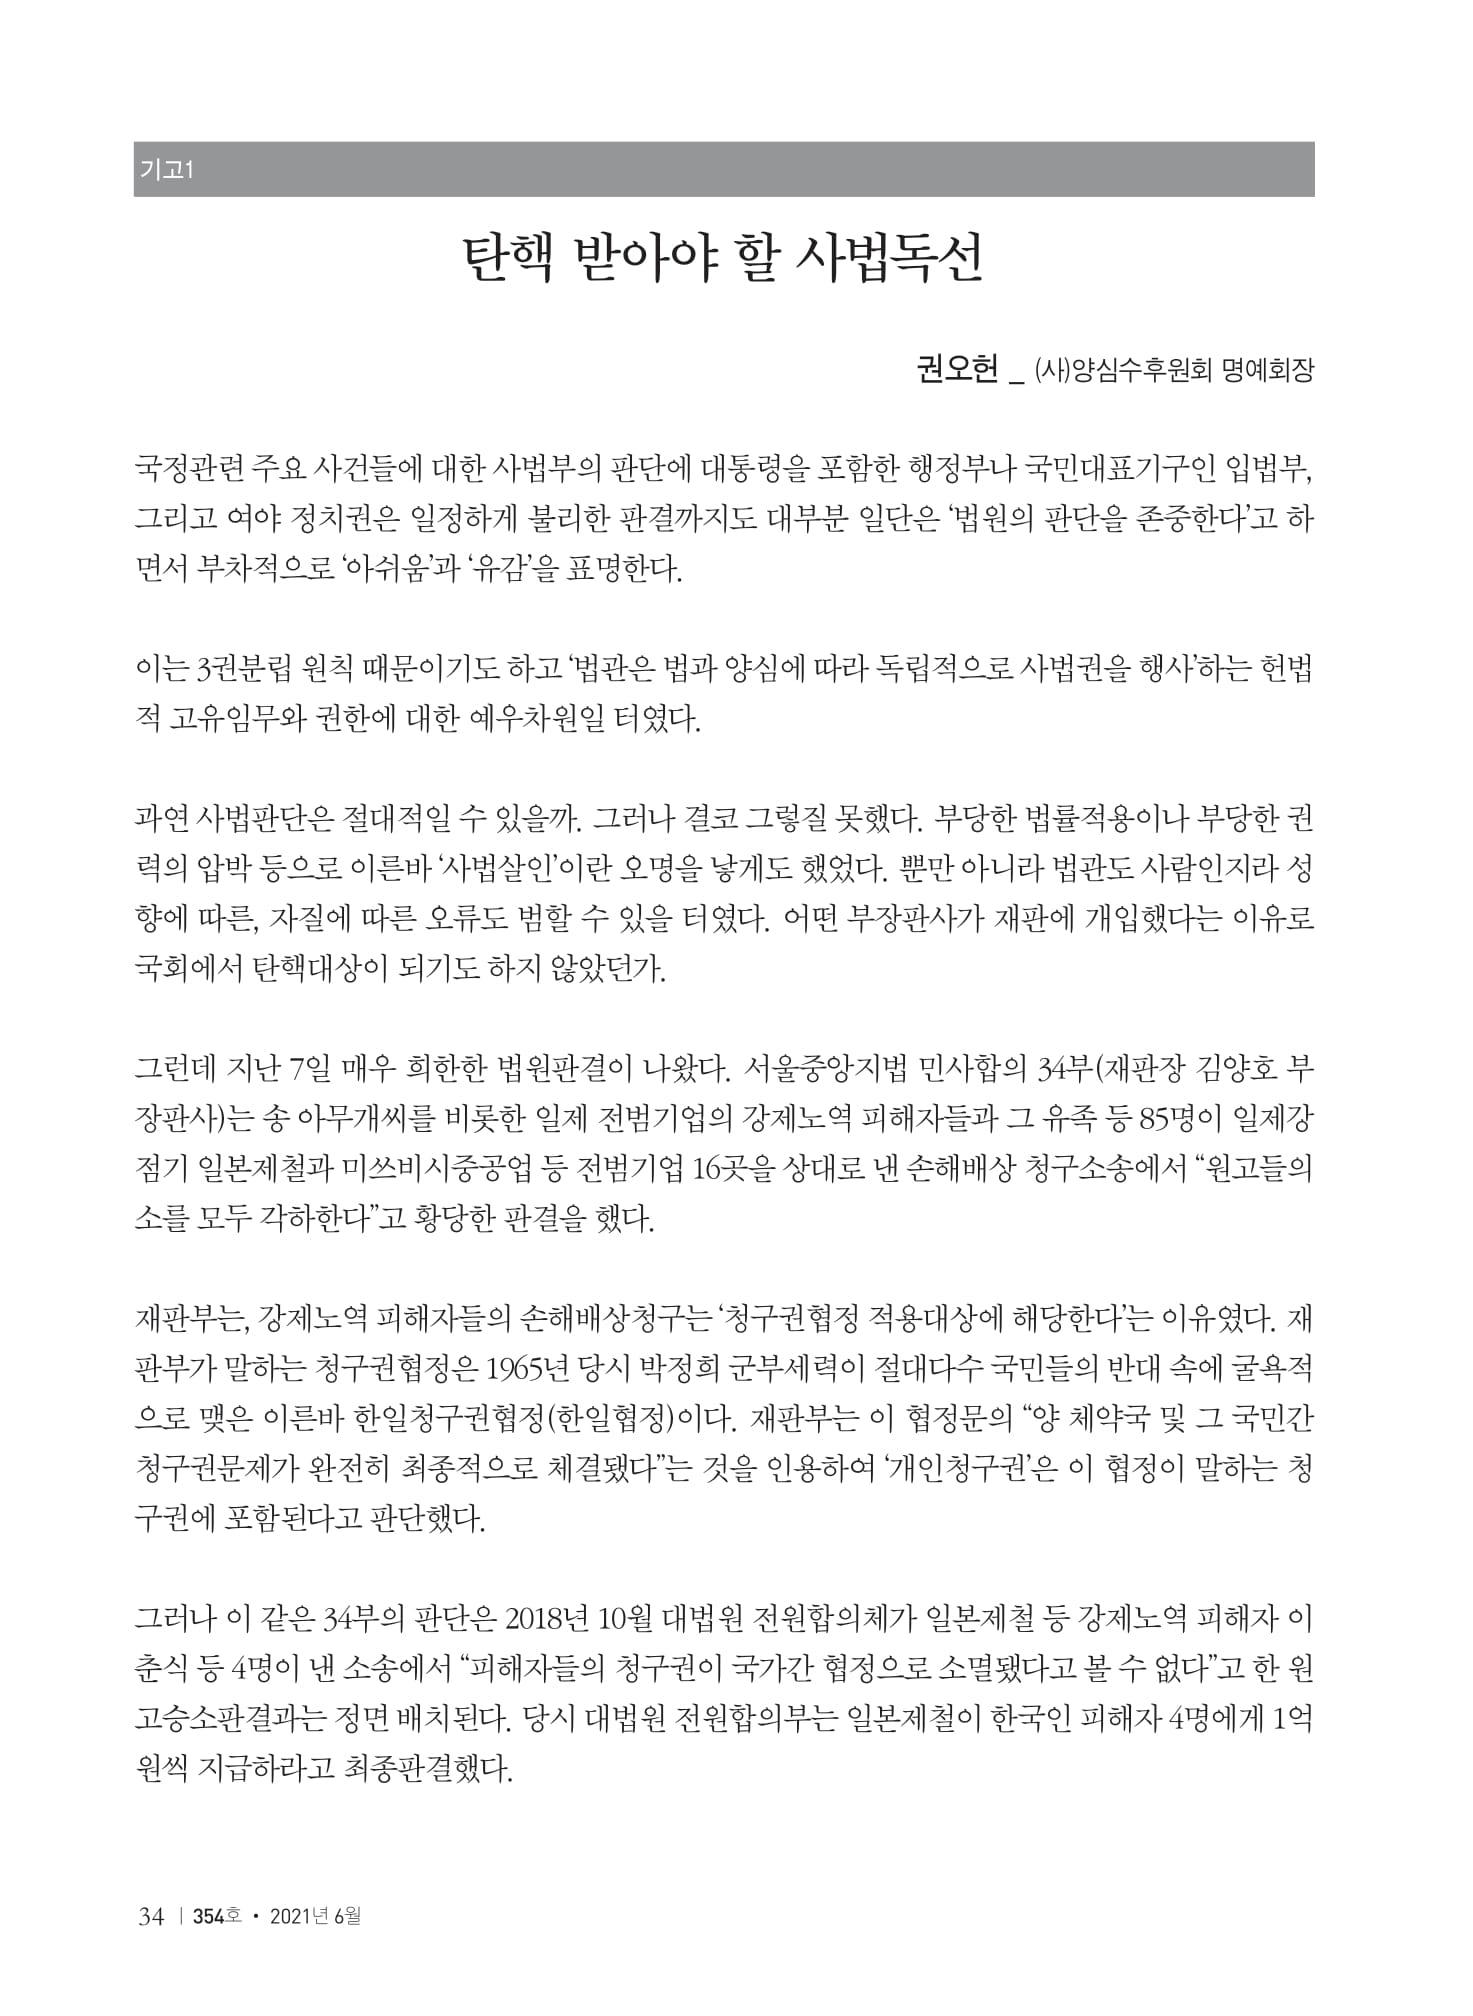 [양심수후원회] 소식지 354호 web 수정-36.jpg